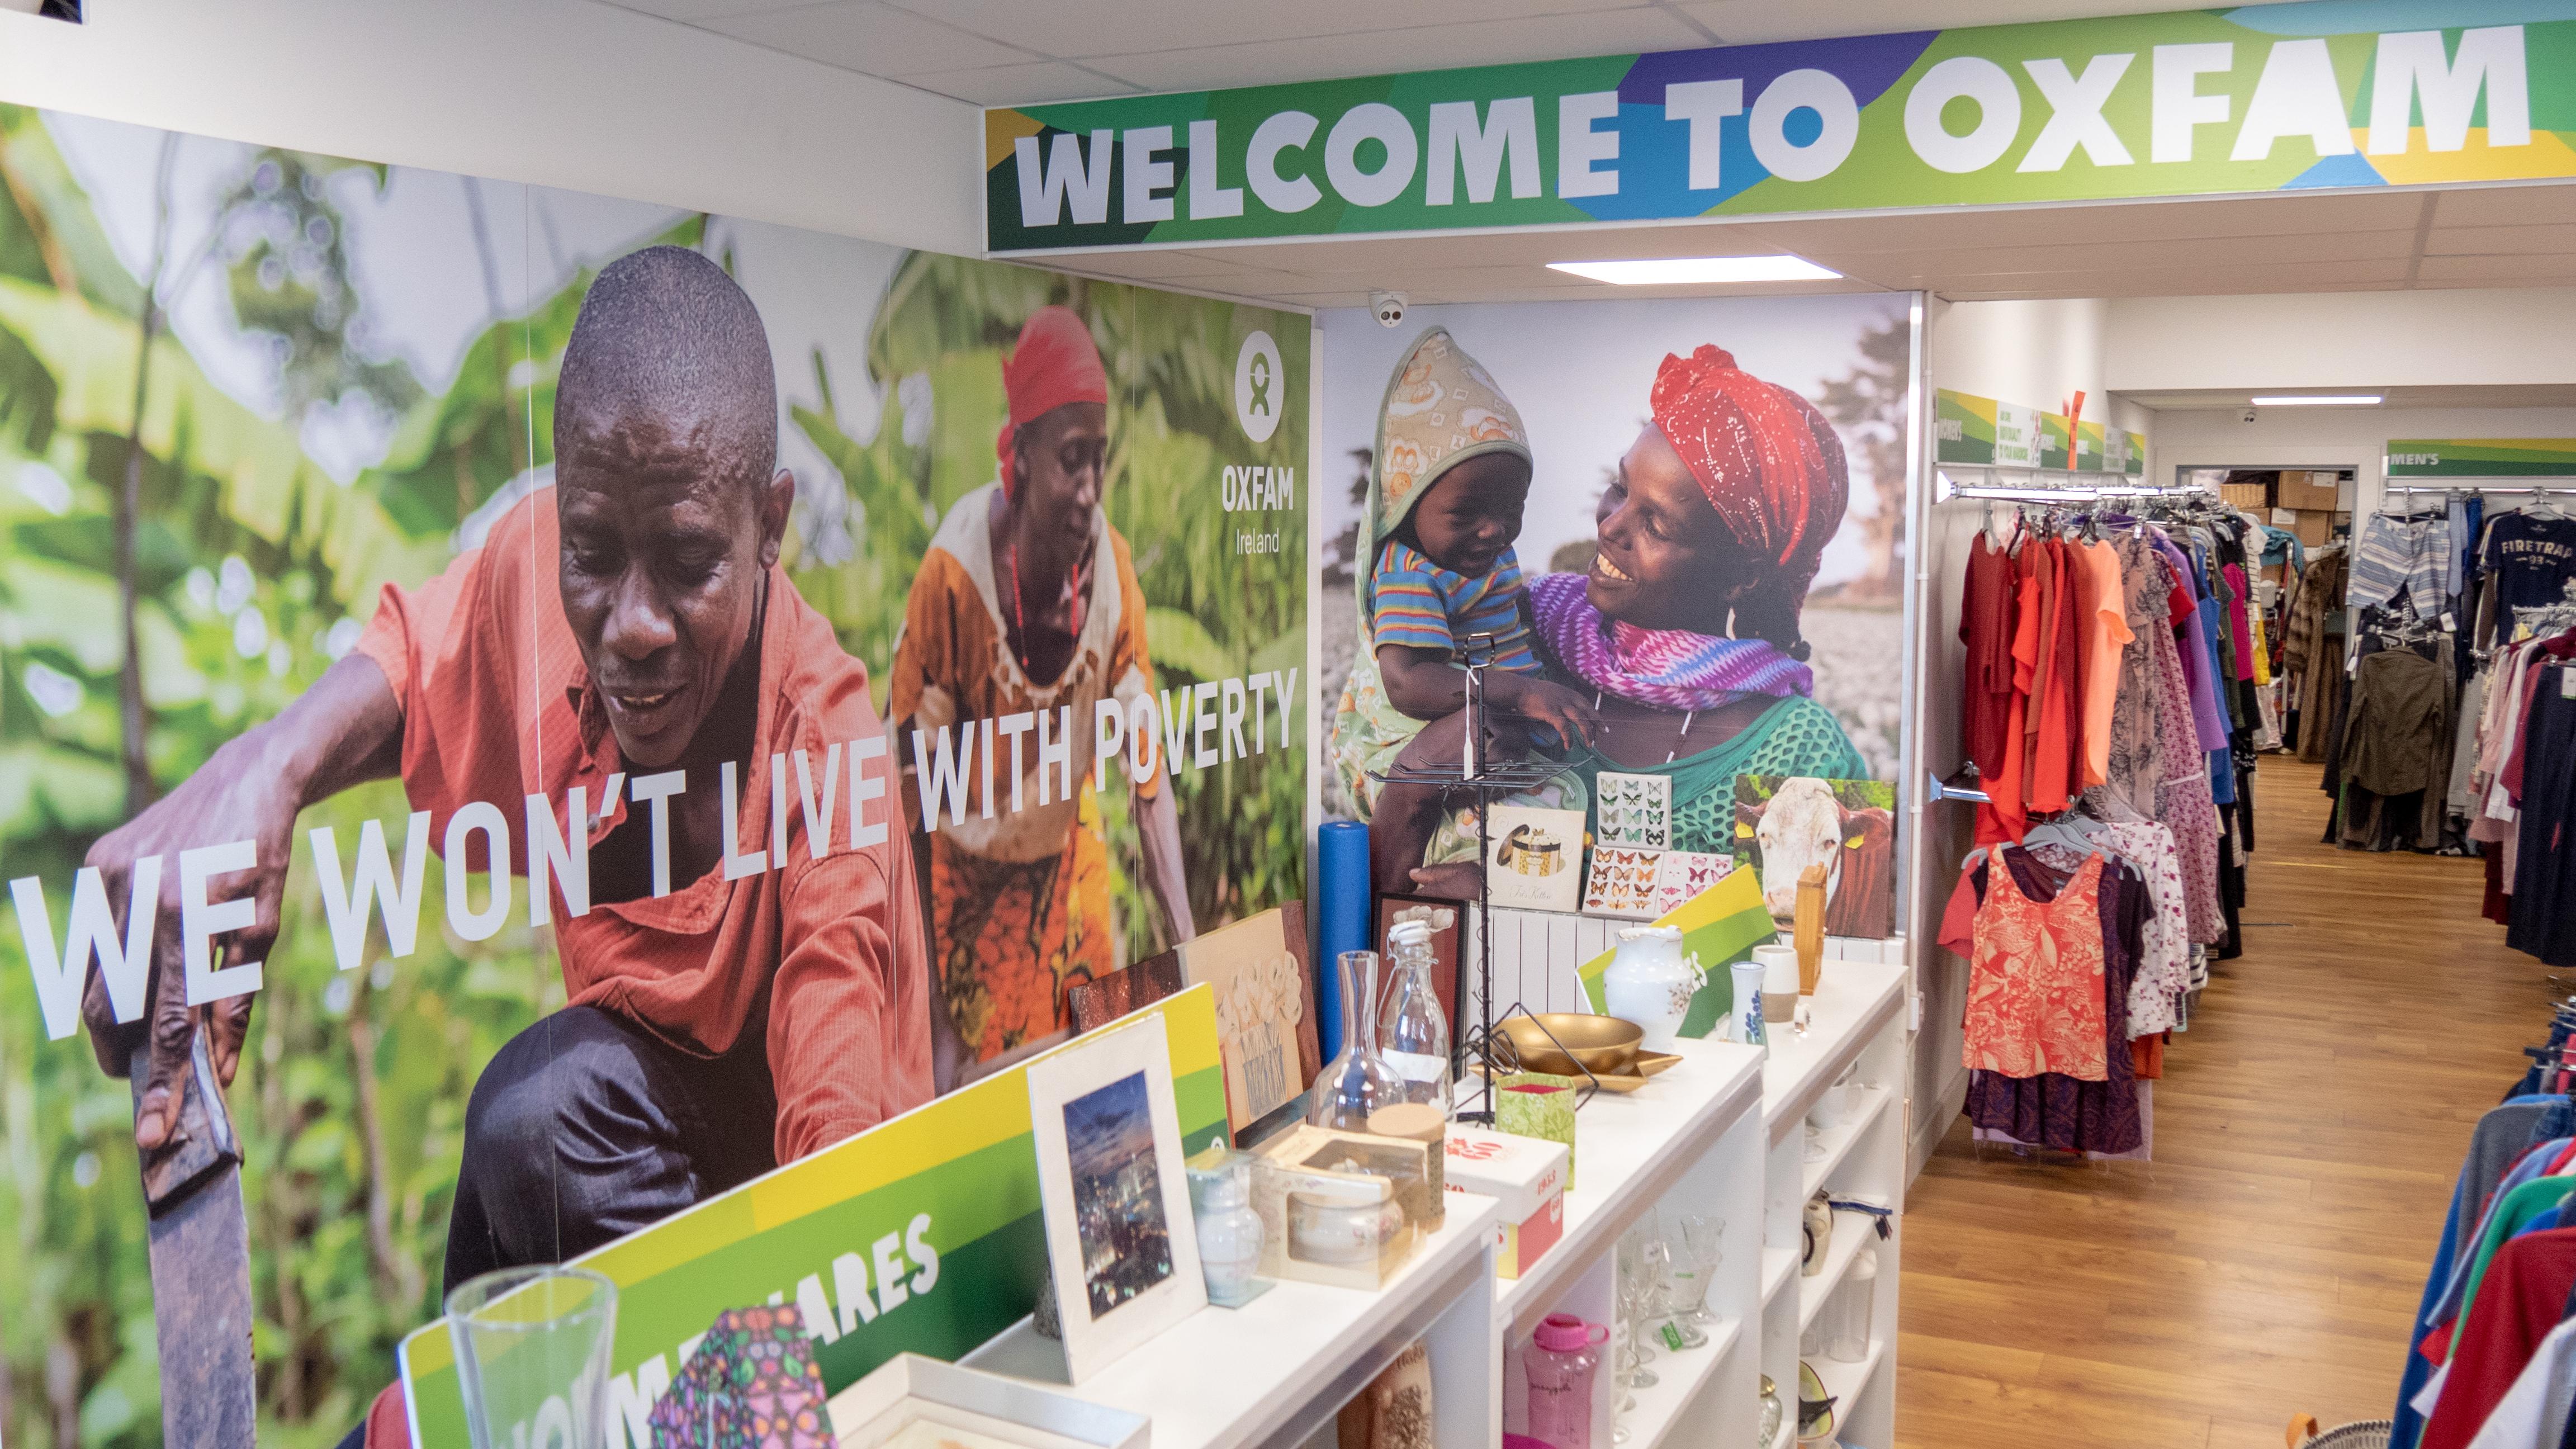 Oxfam secondhand fashion shop